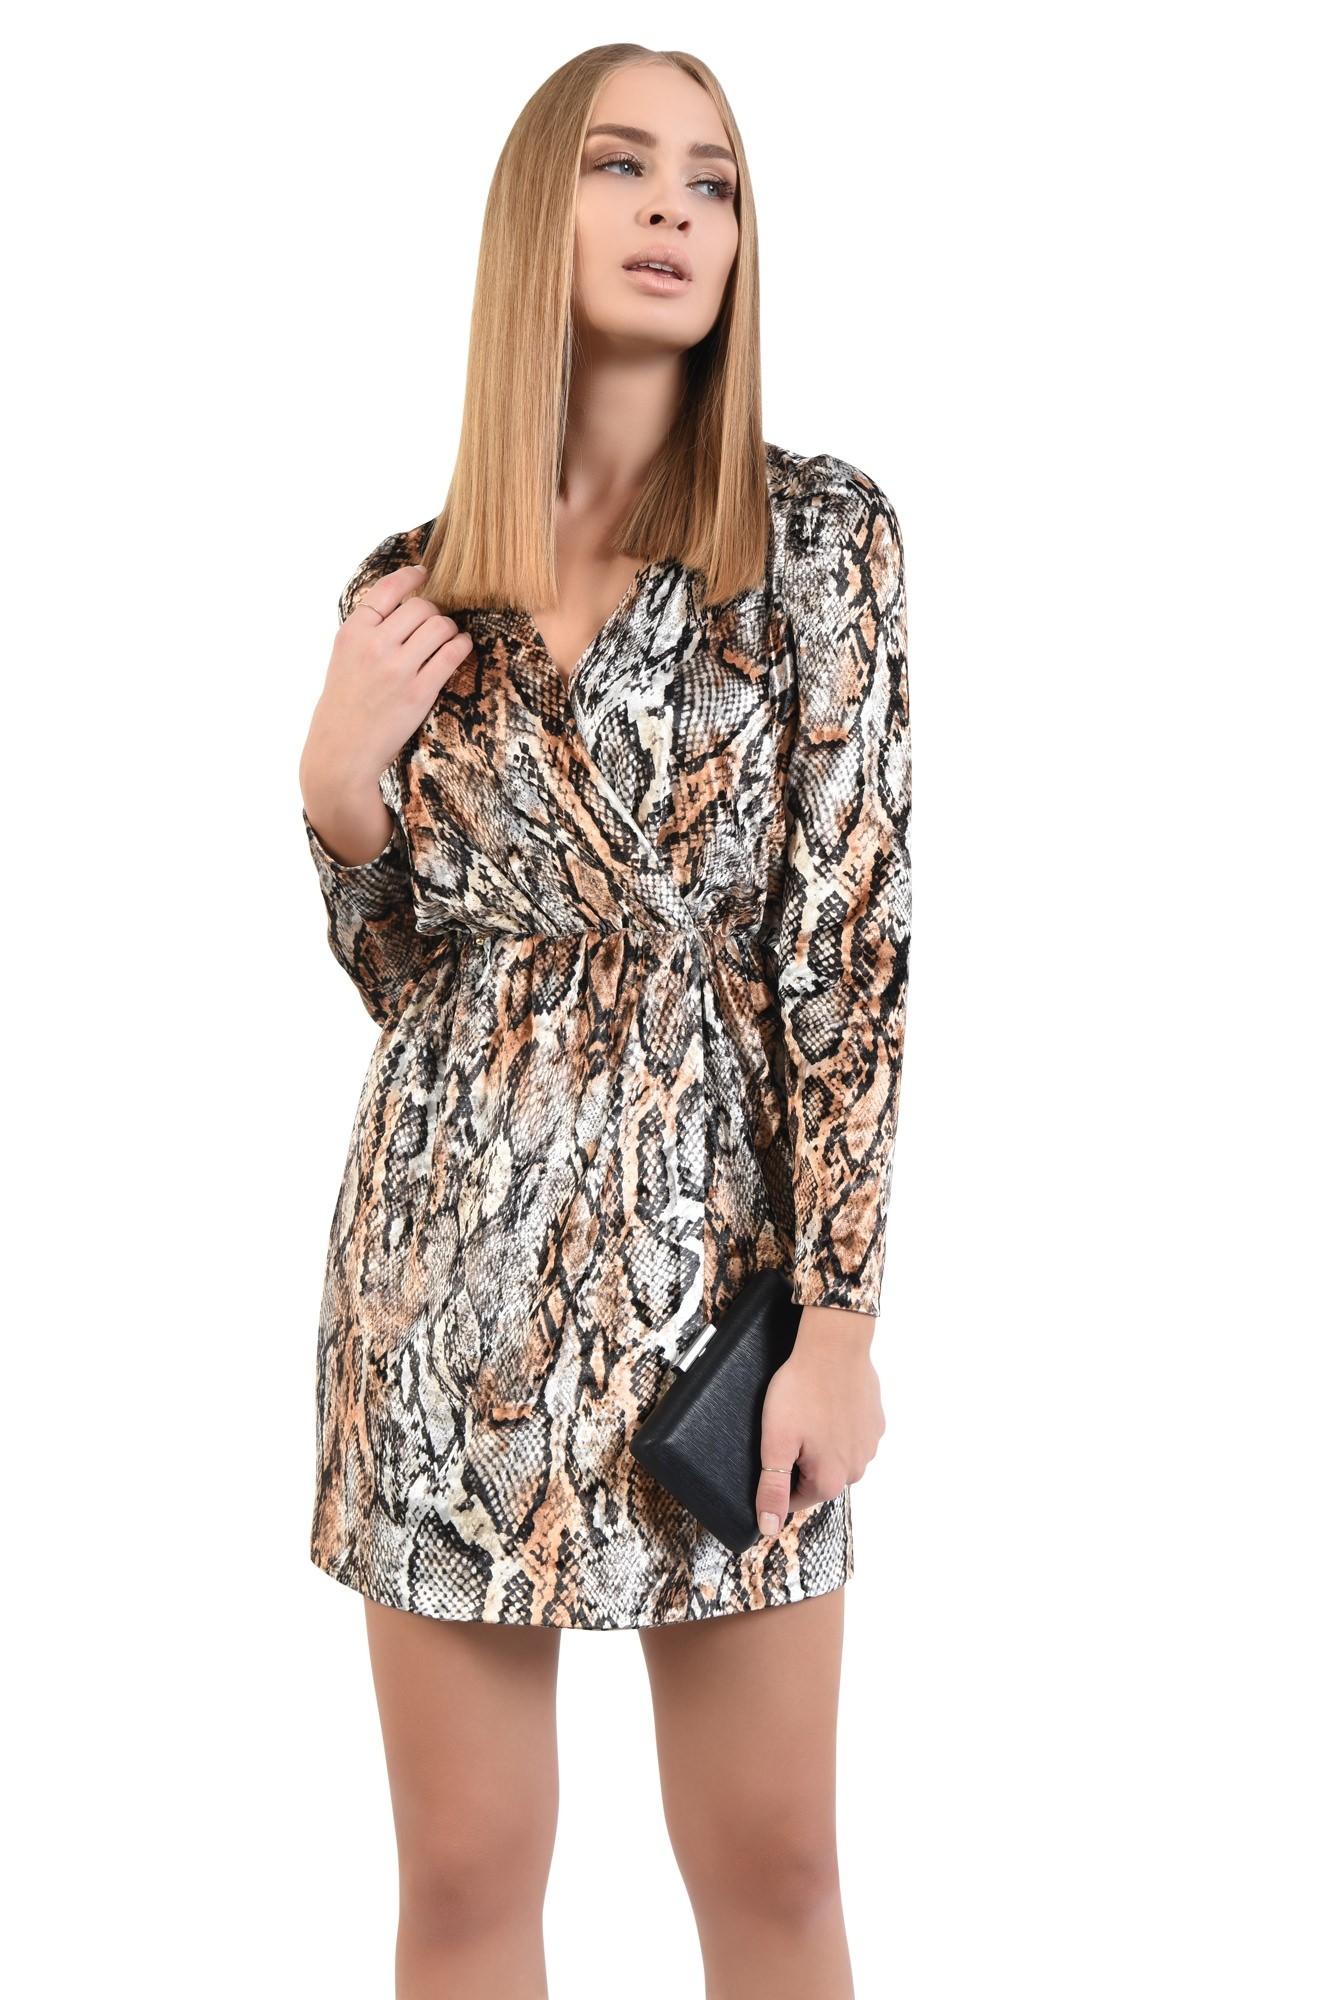 2 - rochie de seara, catifea imprimata, scurta, cu anchior, rochii online